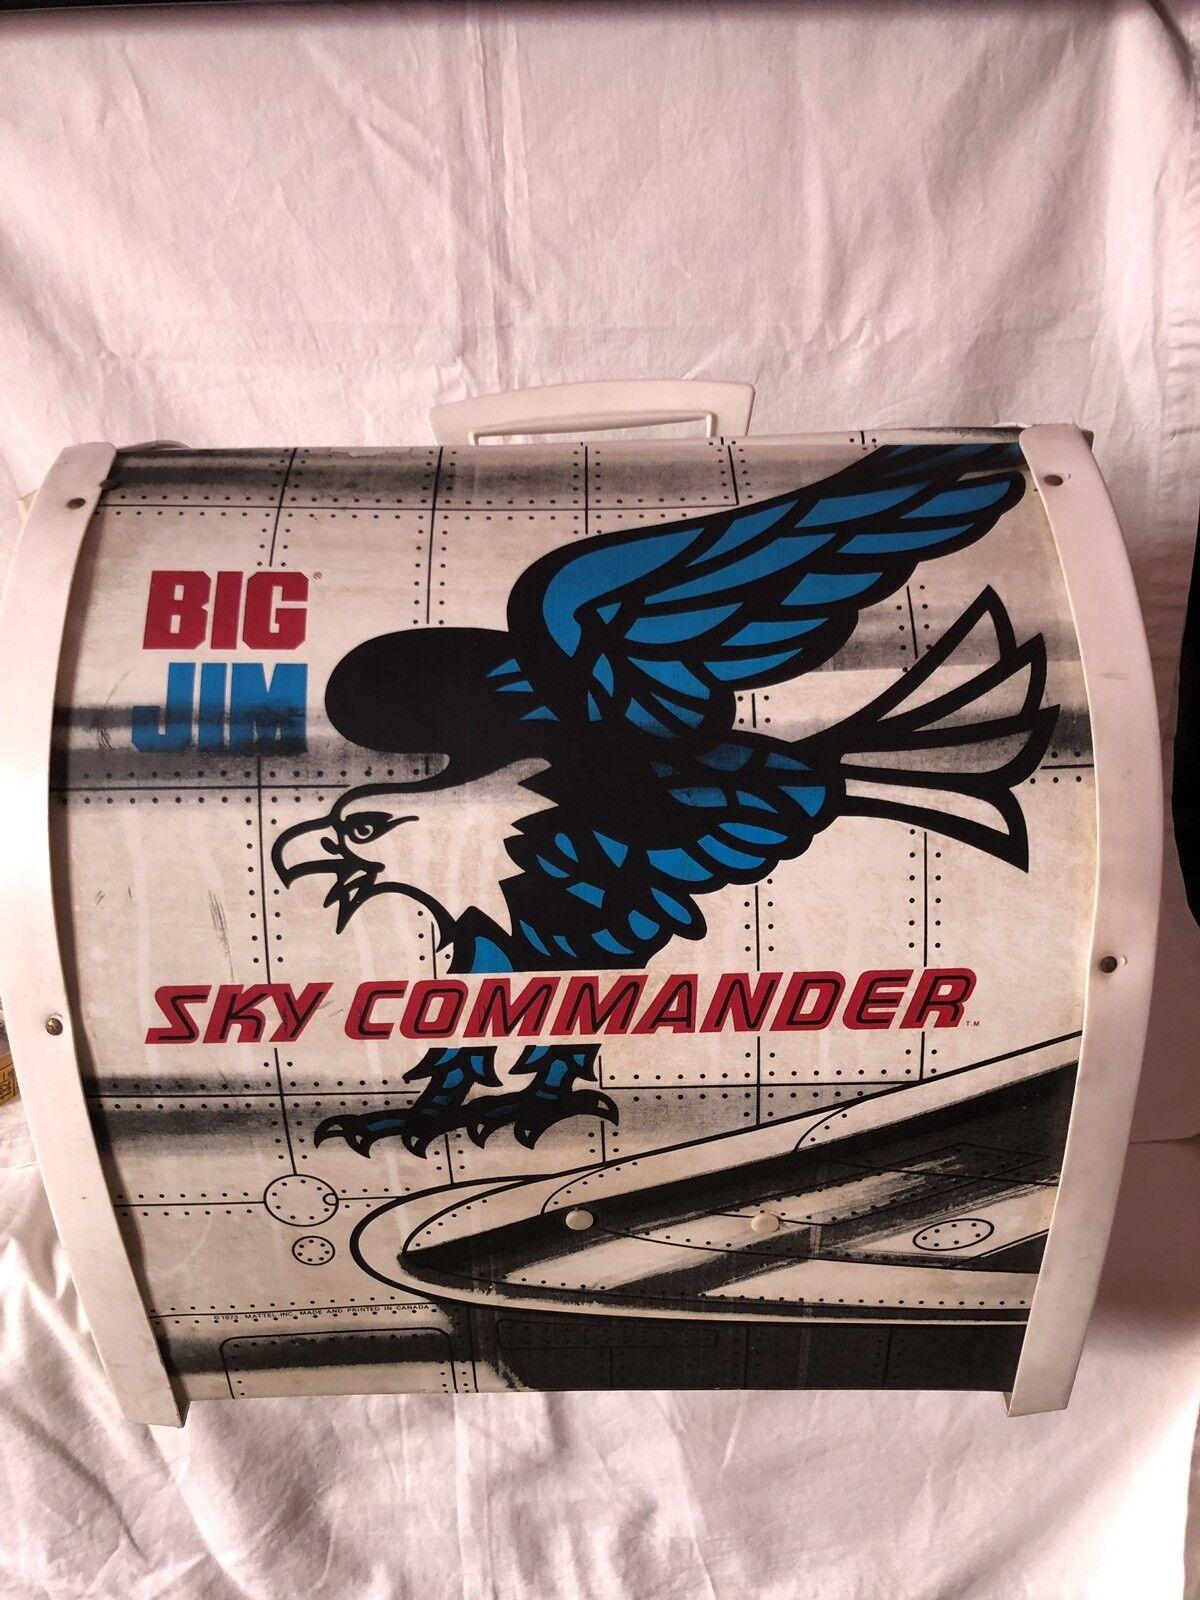 BIG JIM MATTEL SKY COMMANDER VINTAGE ANNI '80